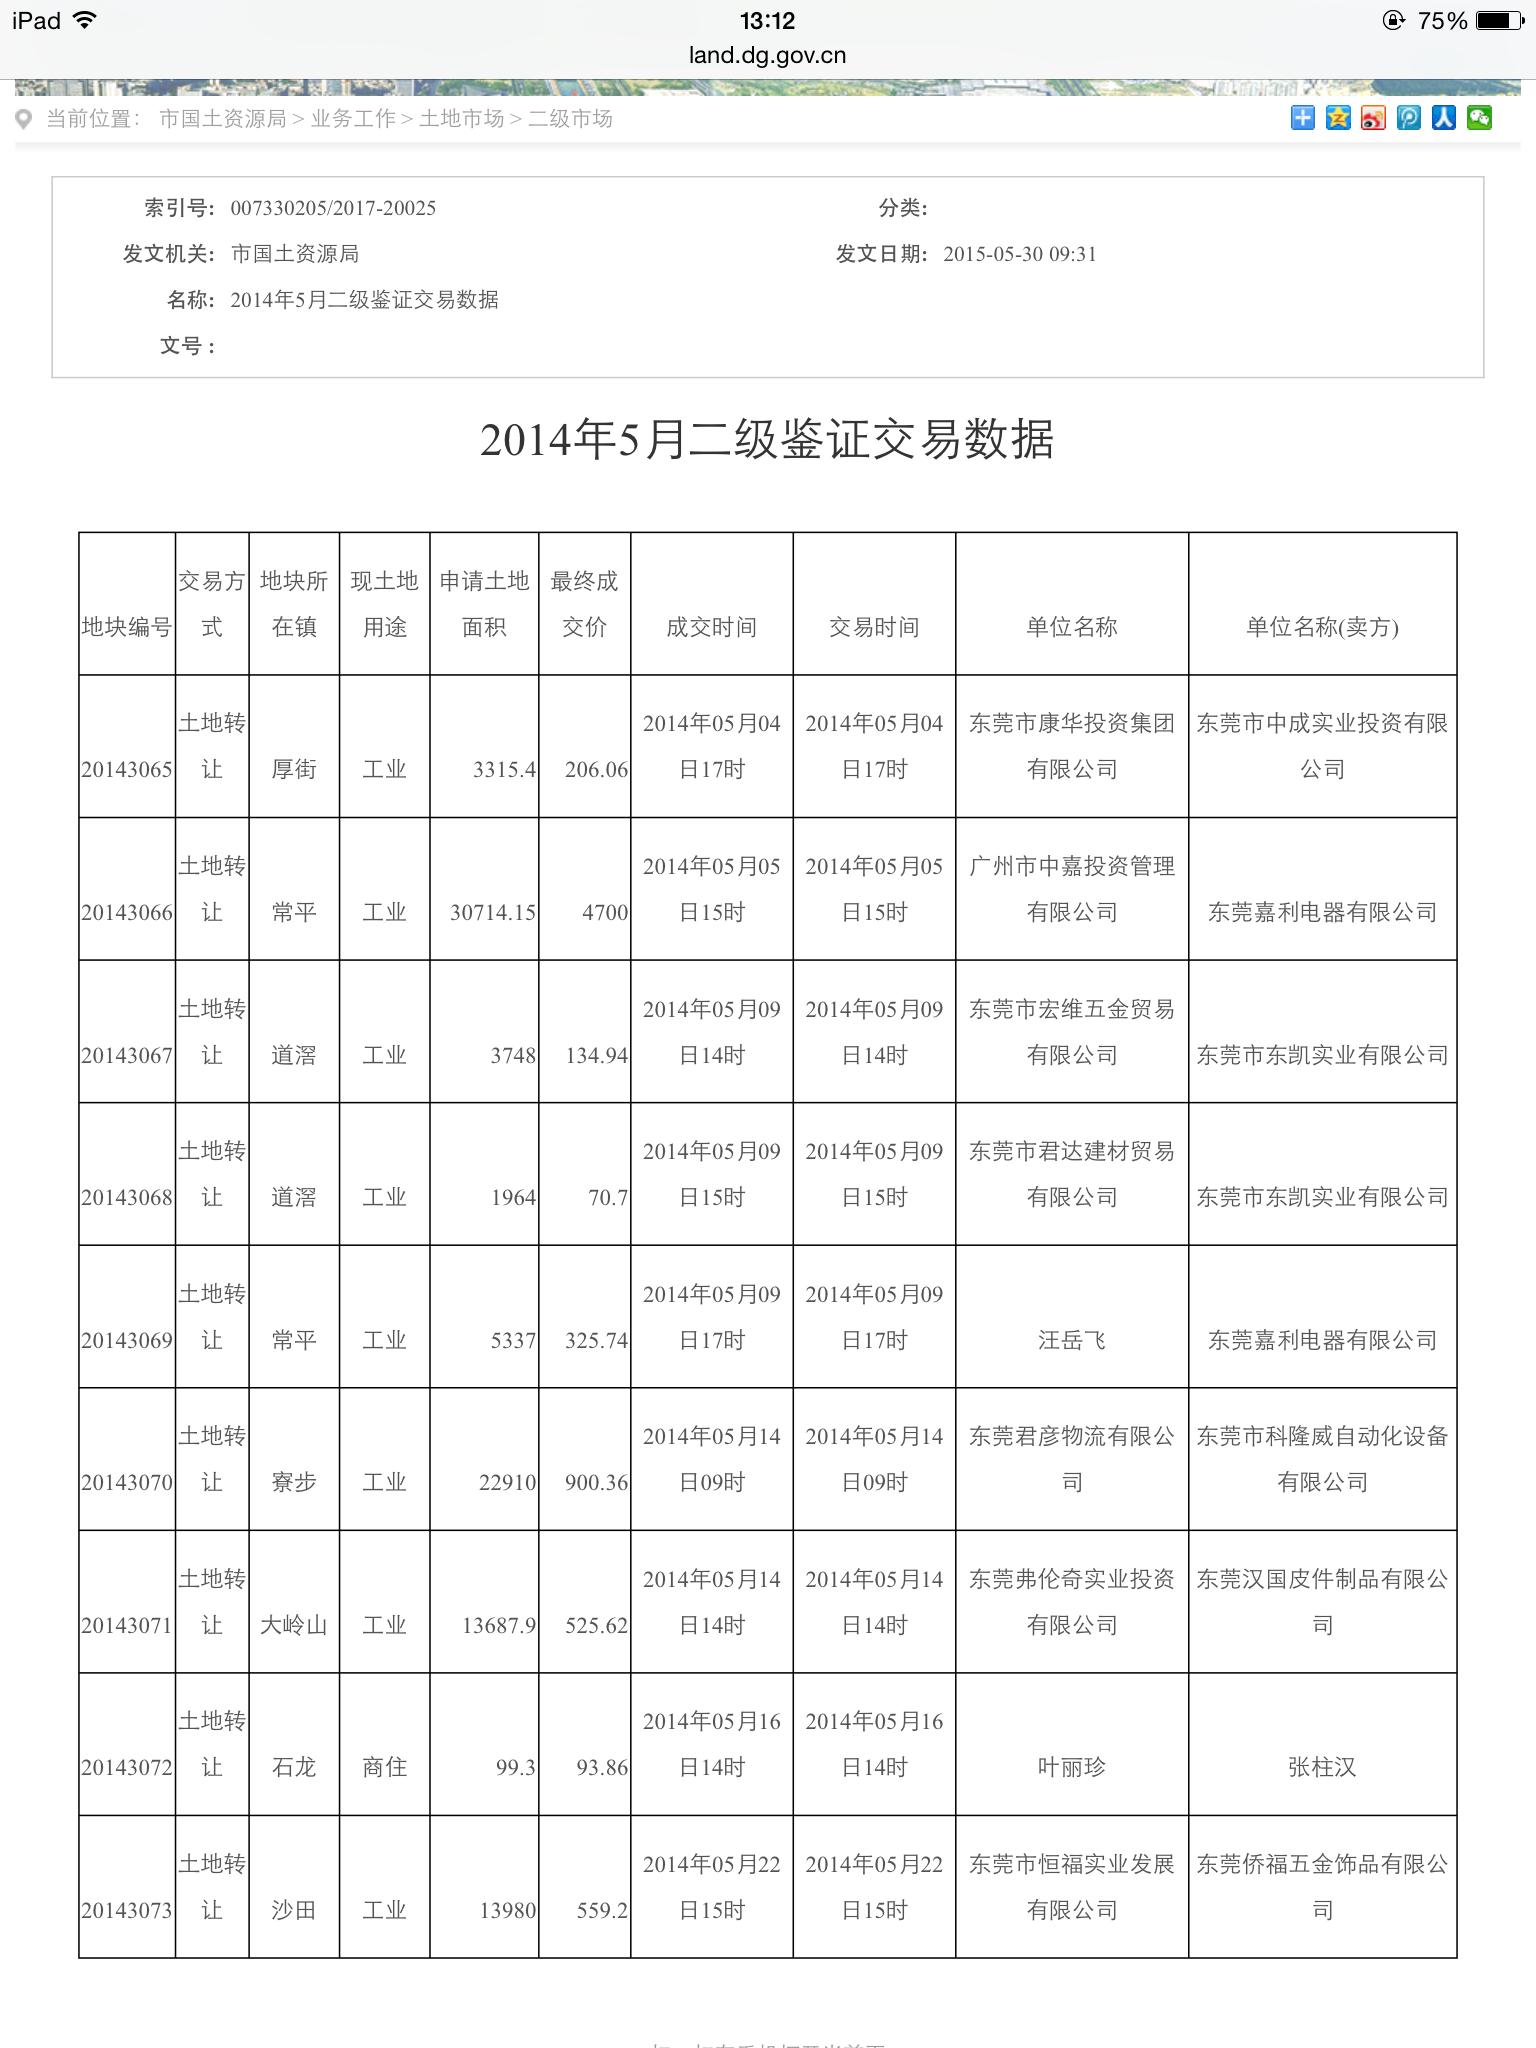 东莞土地ope手机客户端@东莞长安独院花园式ope体育滚球ope手机客户端,占地面积28.5亩